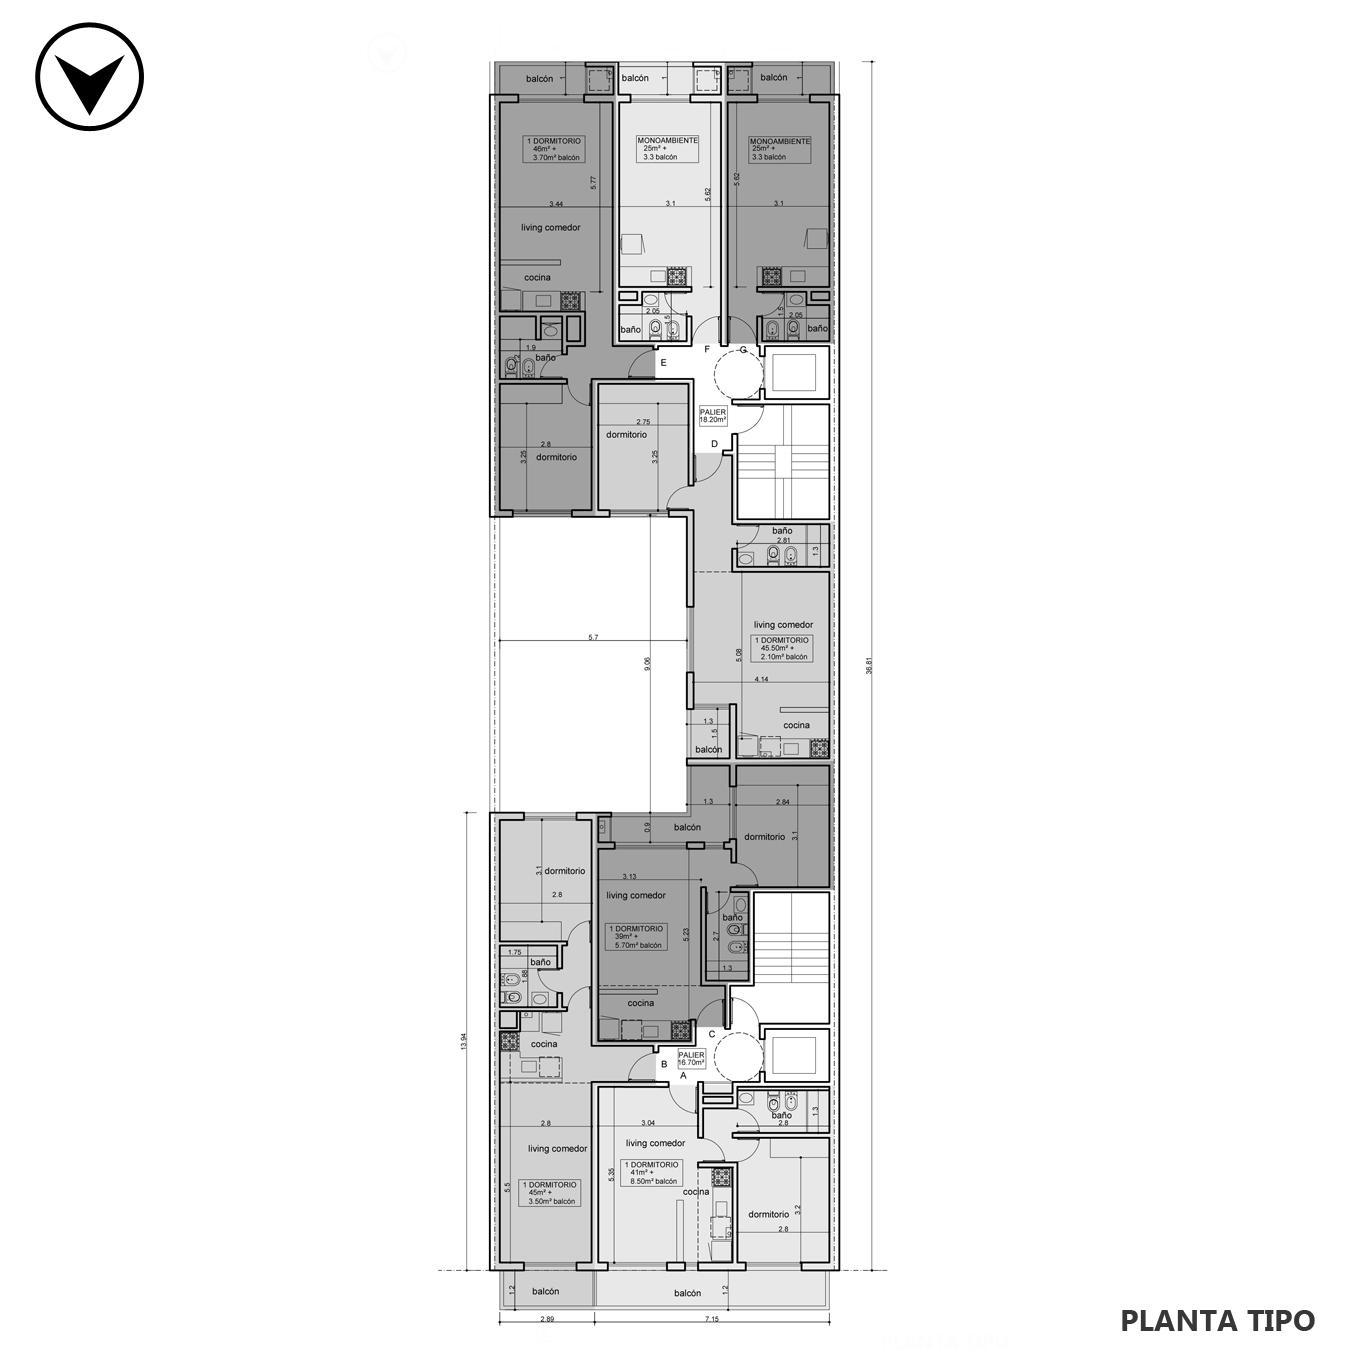 Venta departamento 1 dormitorio Rosario, Centro. Cod CBU24743 AP2302144. Crestale Propiedades